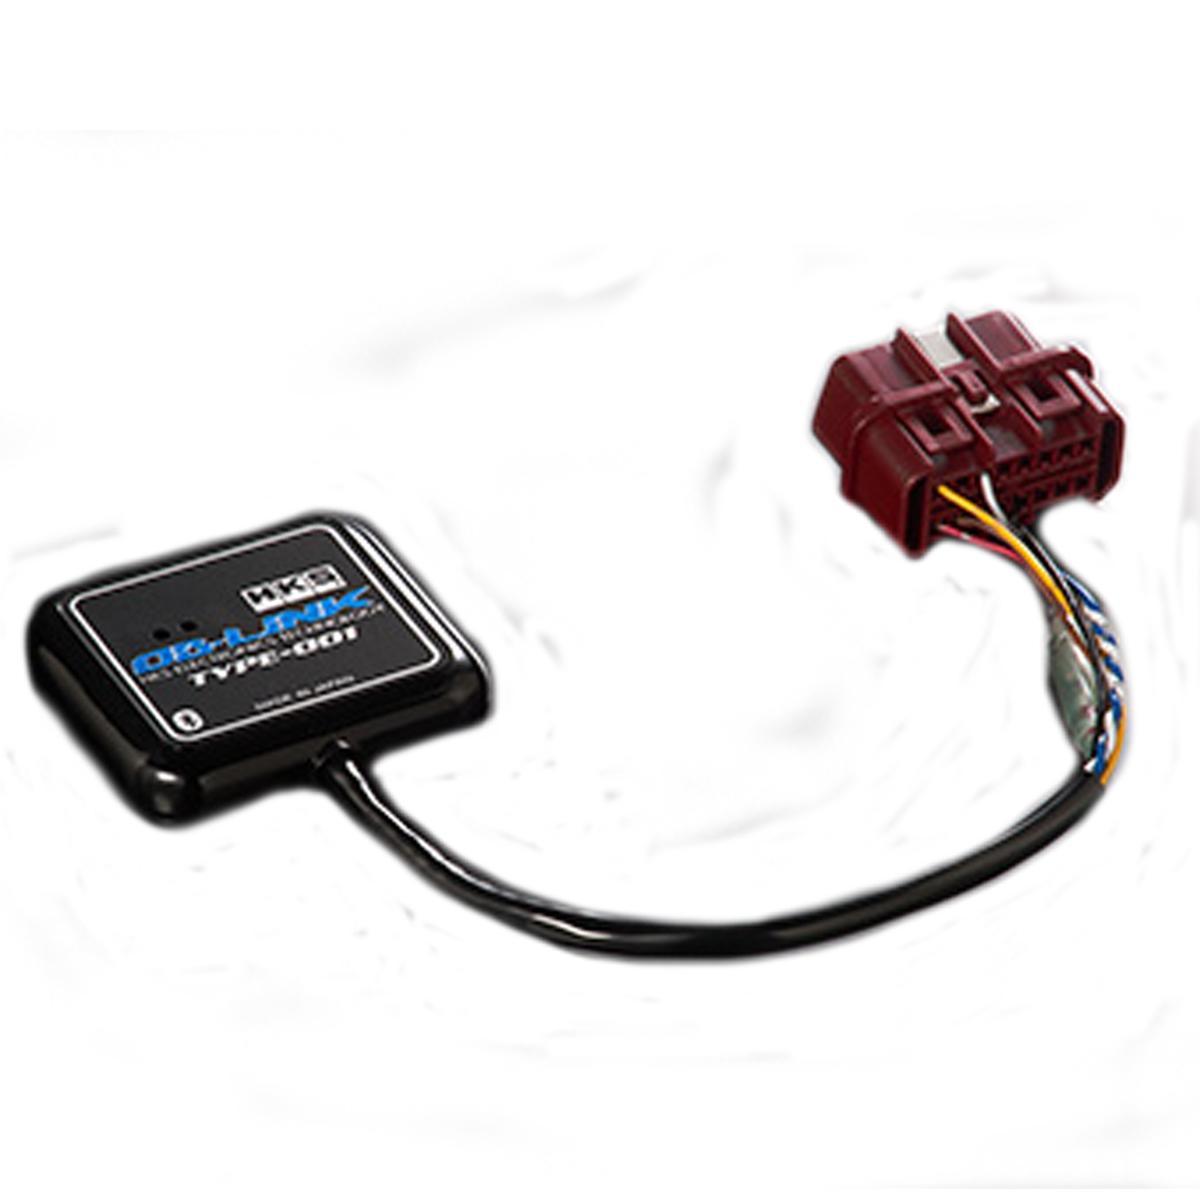 サニー モニター OBリンク タイプ 001 FB15 HKS 44009-AK002 エレクトリニクス